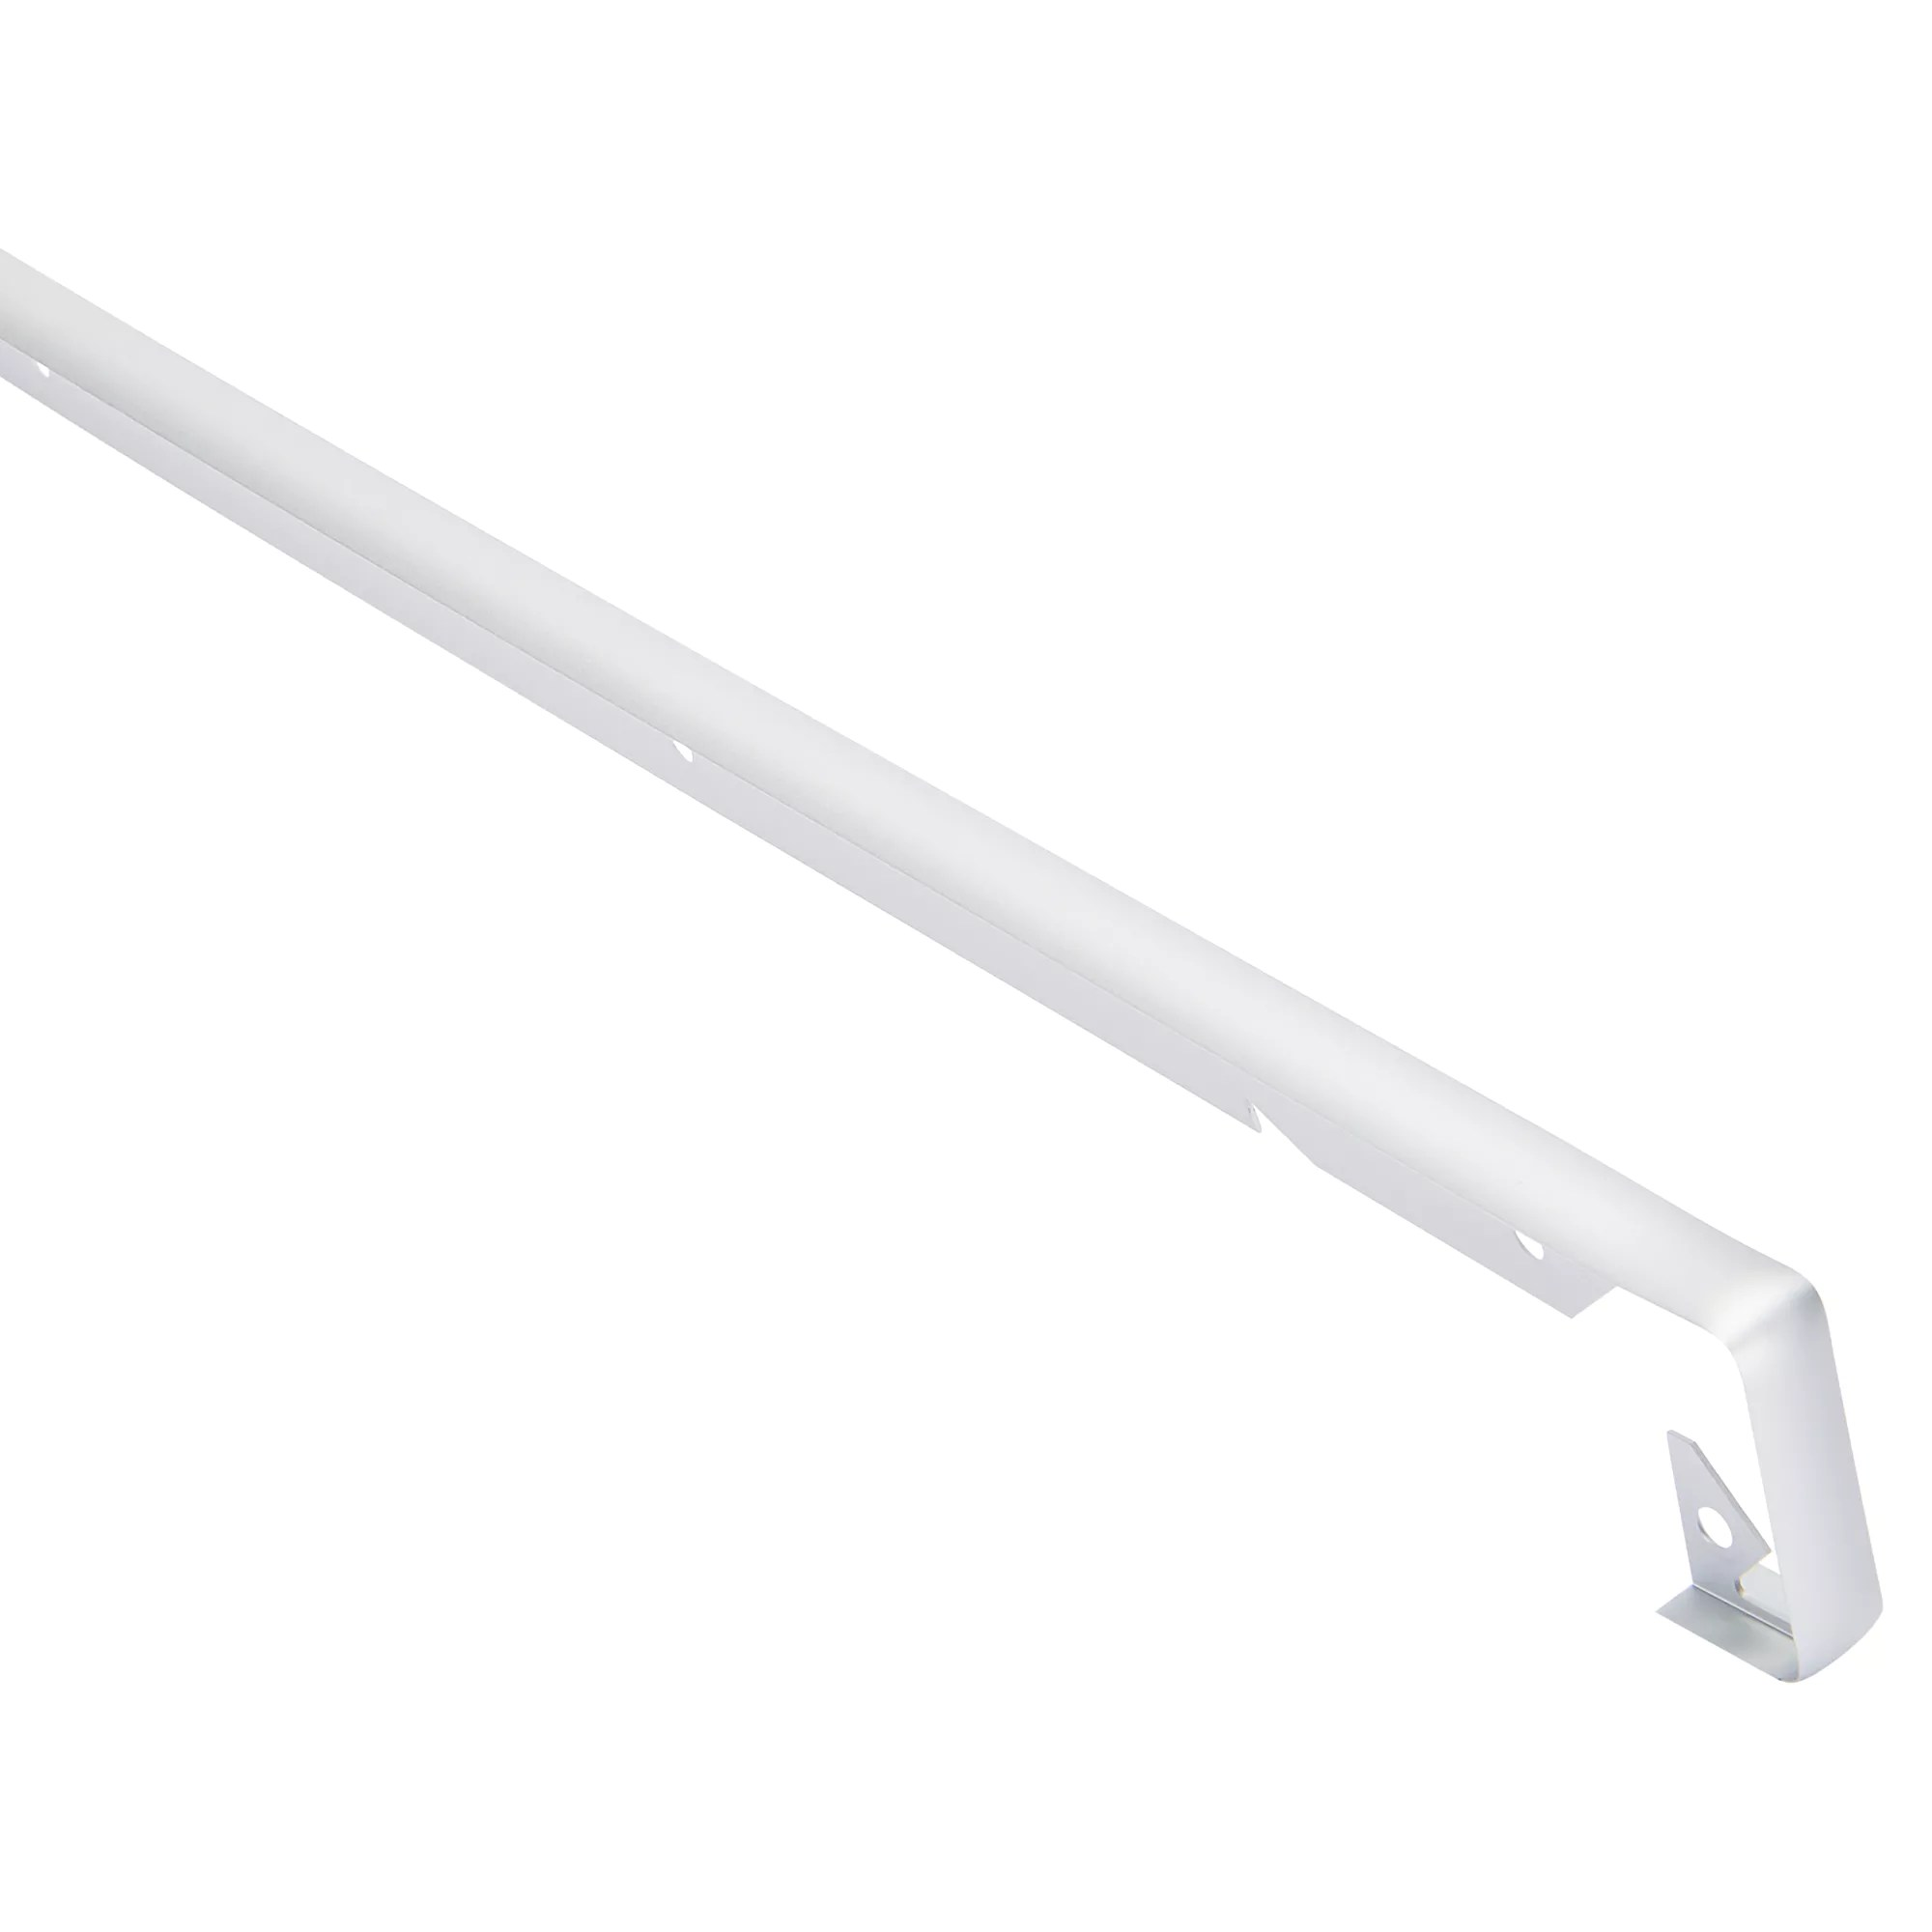 Fugenleiste G Profil Aluminium 60 X 3 8 X 1 2 Cm ǀ Toom Baumarkt